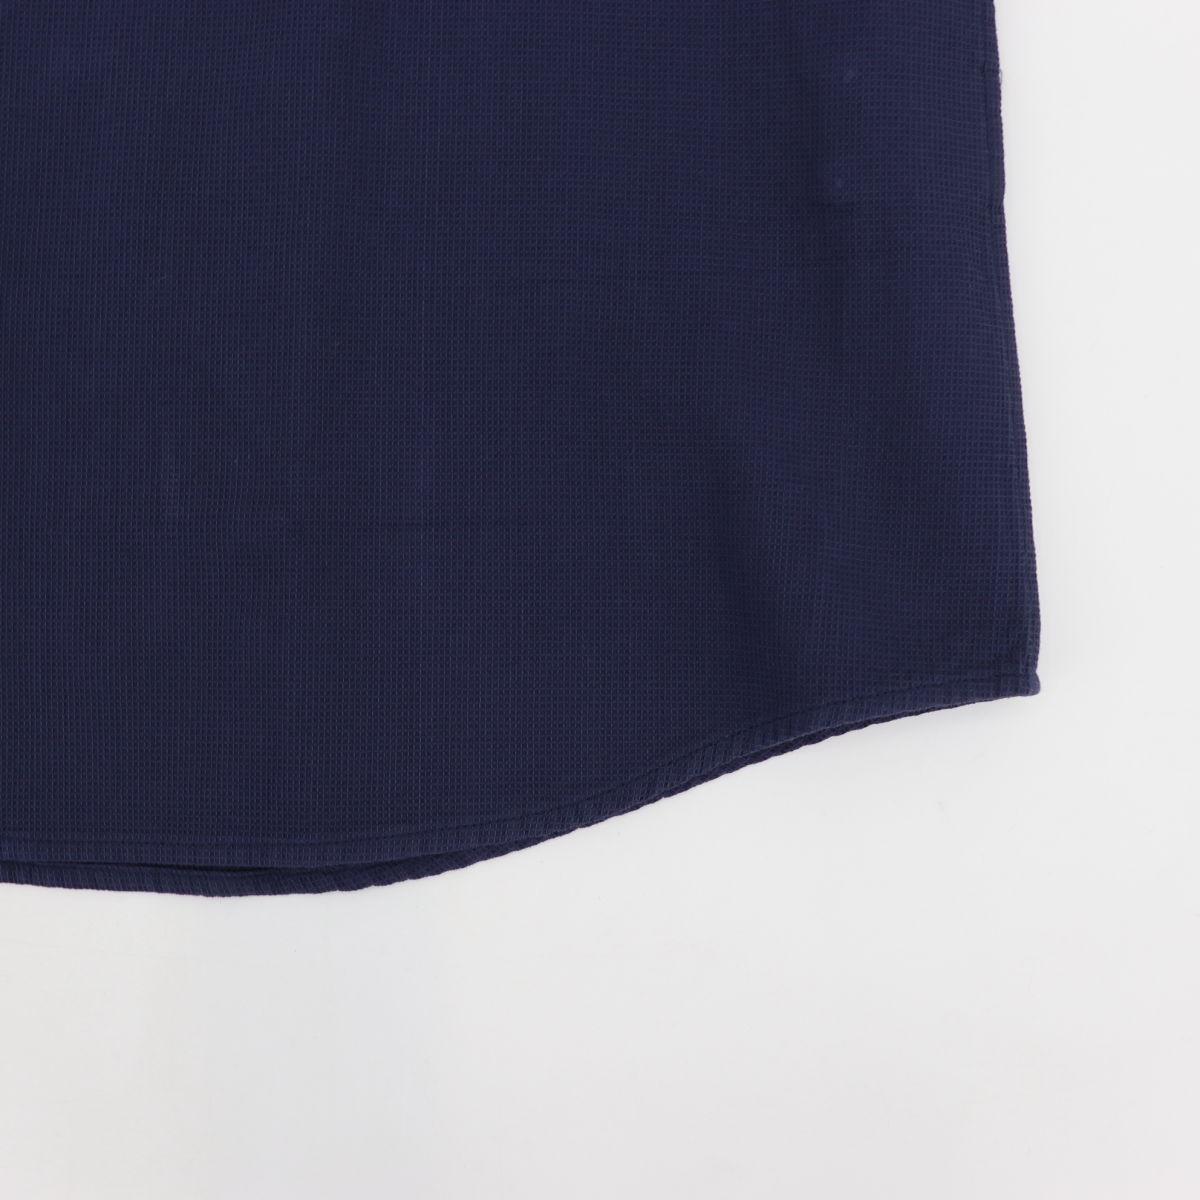 高密度ワッフル ボタンダウンシャツ NAVY (ネイビー)